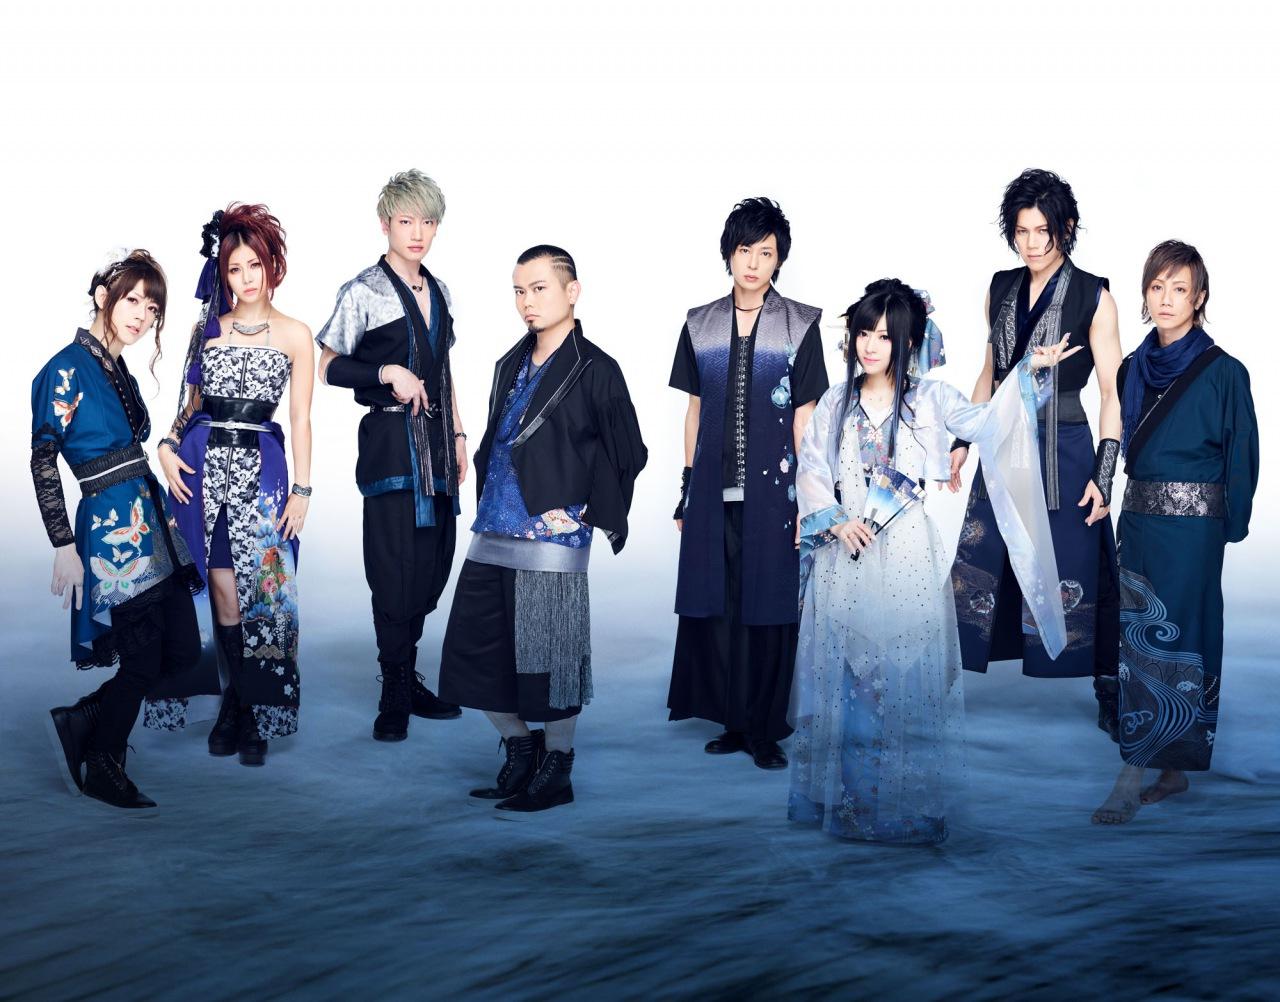 和楽器バンド、「大新年会2019さいたまスーパーアリーナ」追加公演決定